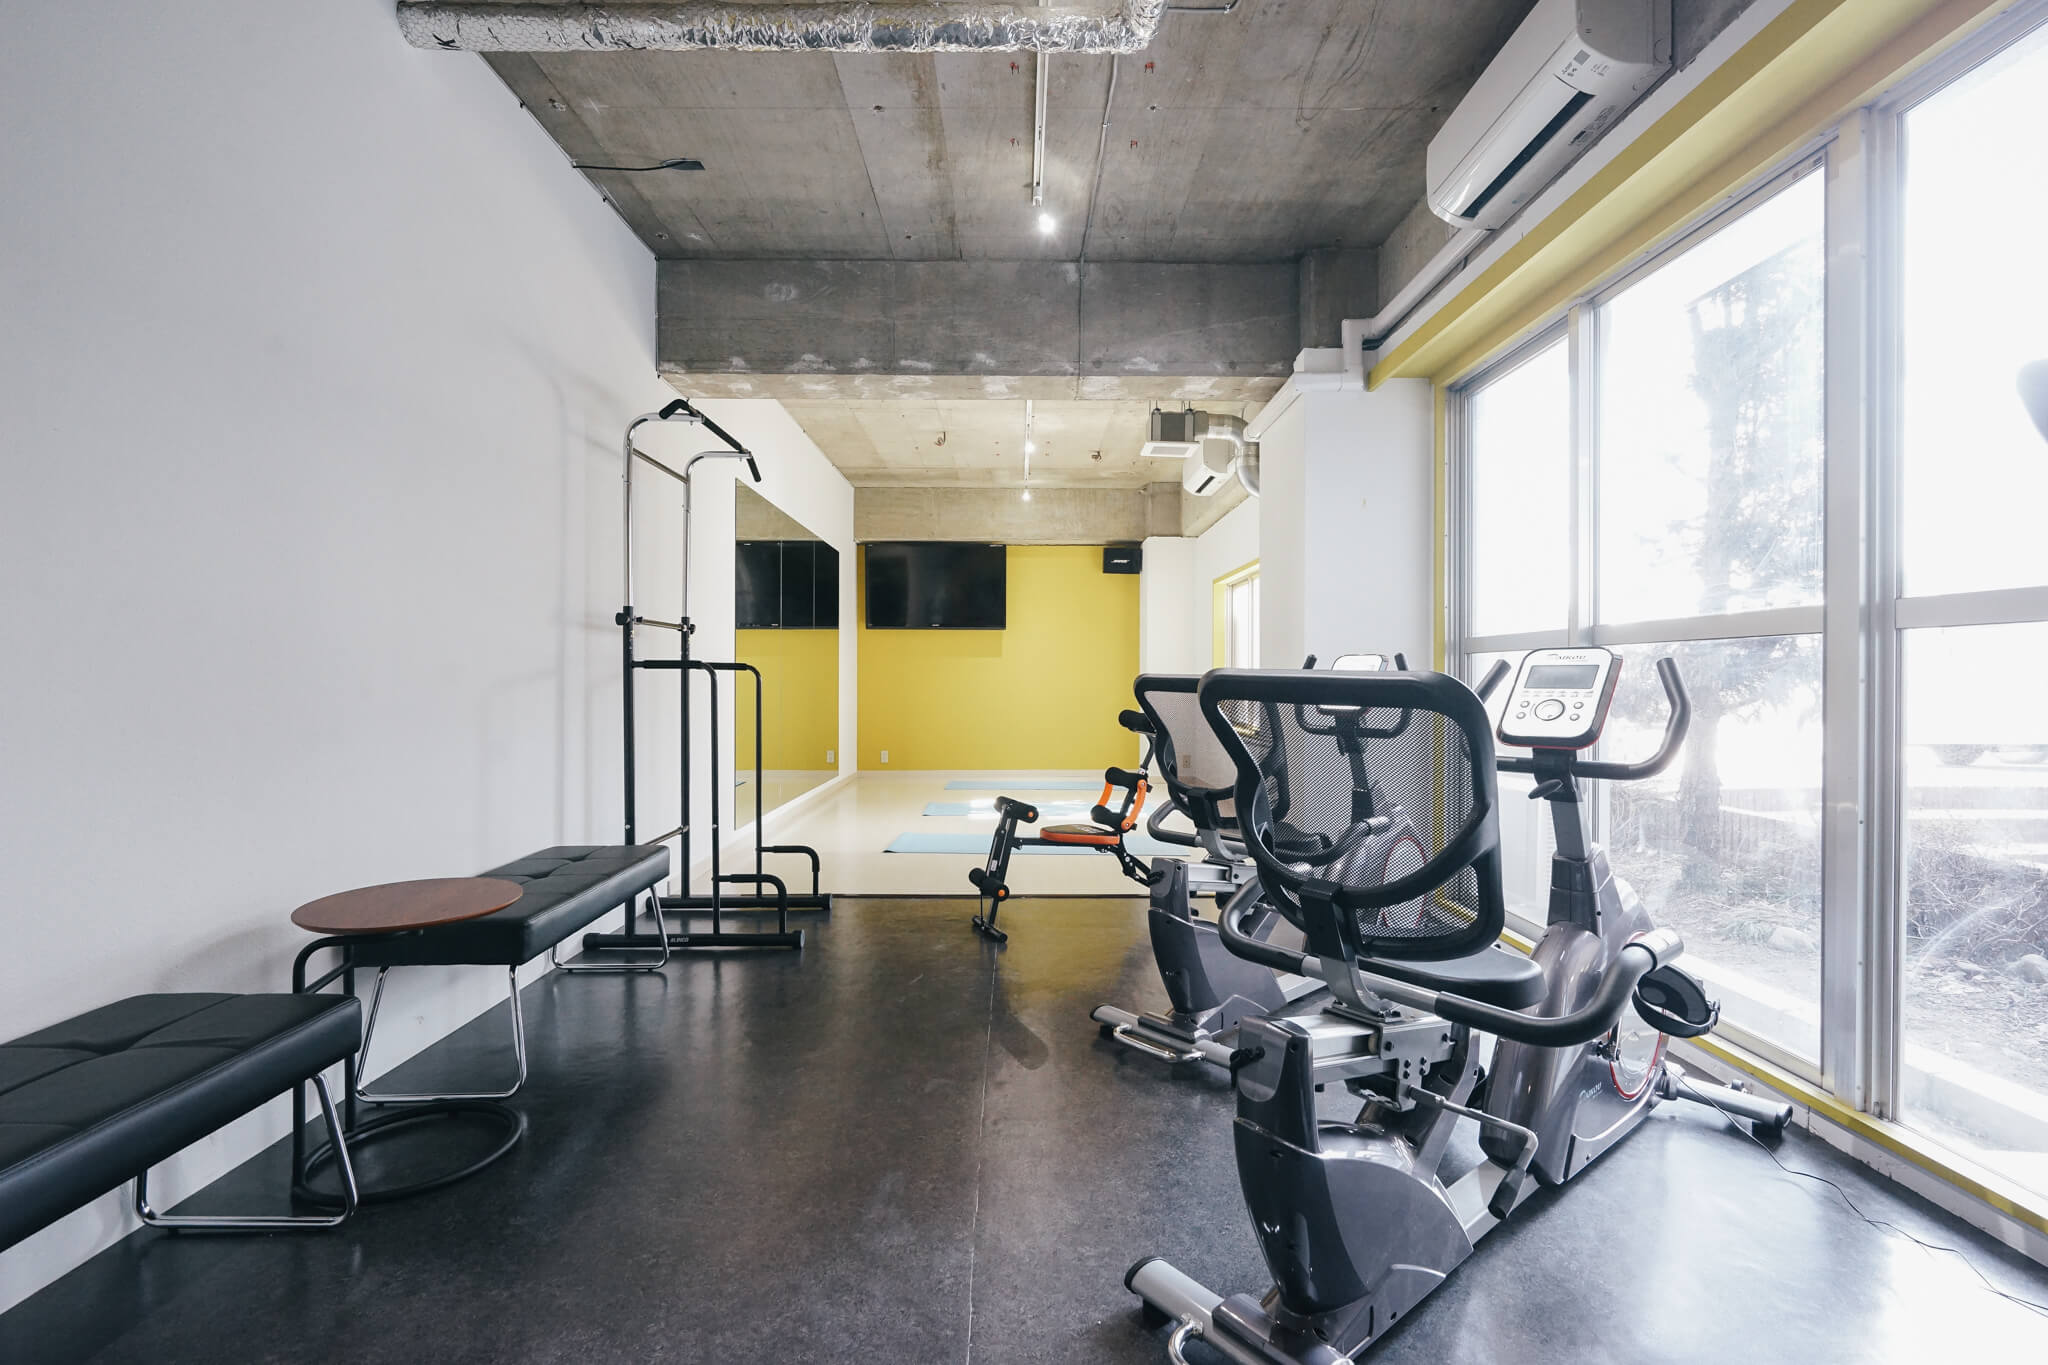 大浴場やスポーツジム、音楽スタジオまでを備える大型シェアハウス「ソーシャルレジデンス福生」